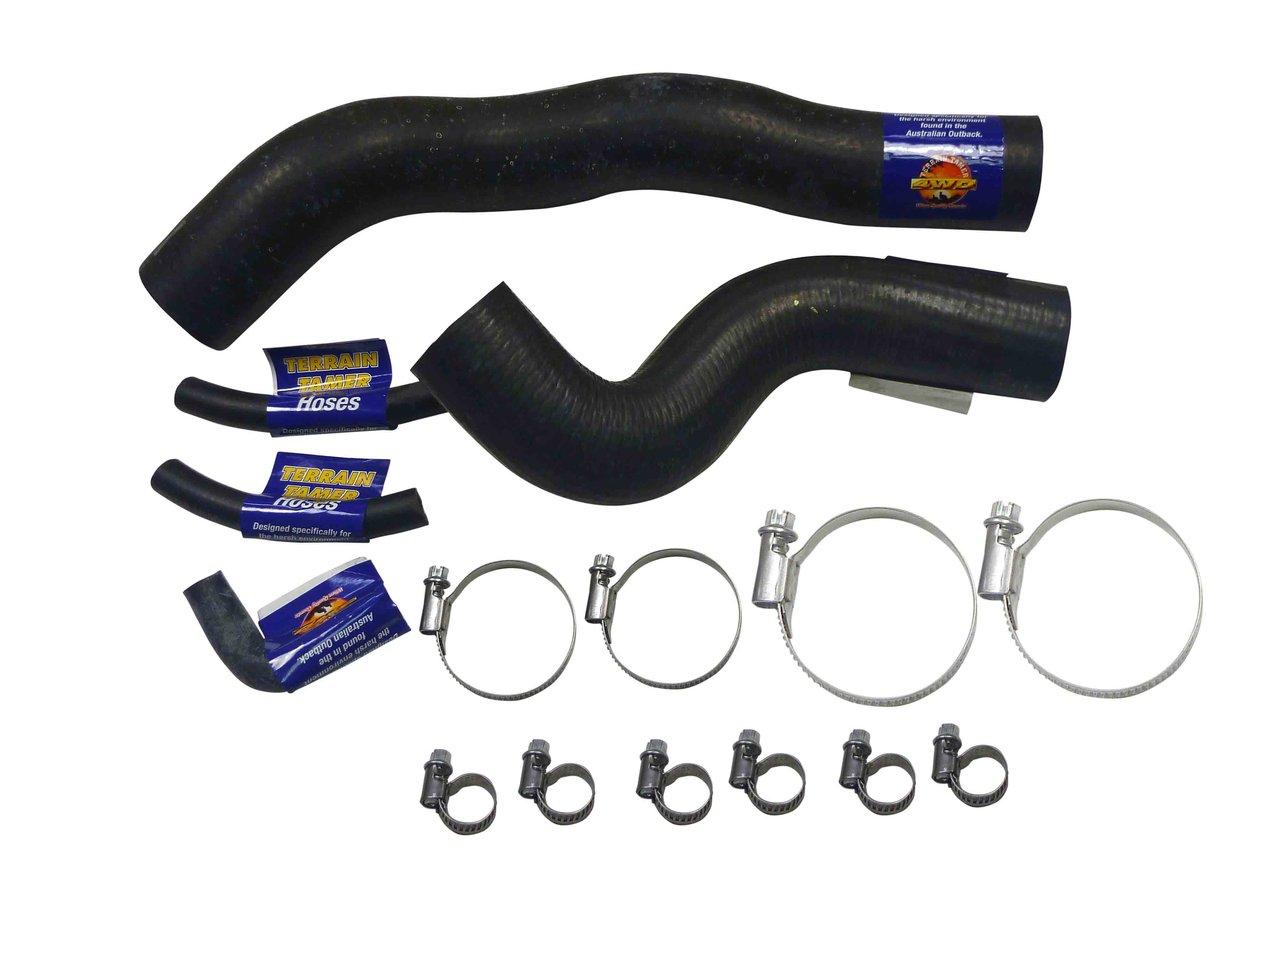 Radiator Hose Kit suitable for Landcruiser HDJ78 HDJ79 1HDFT HK045